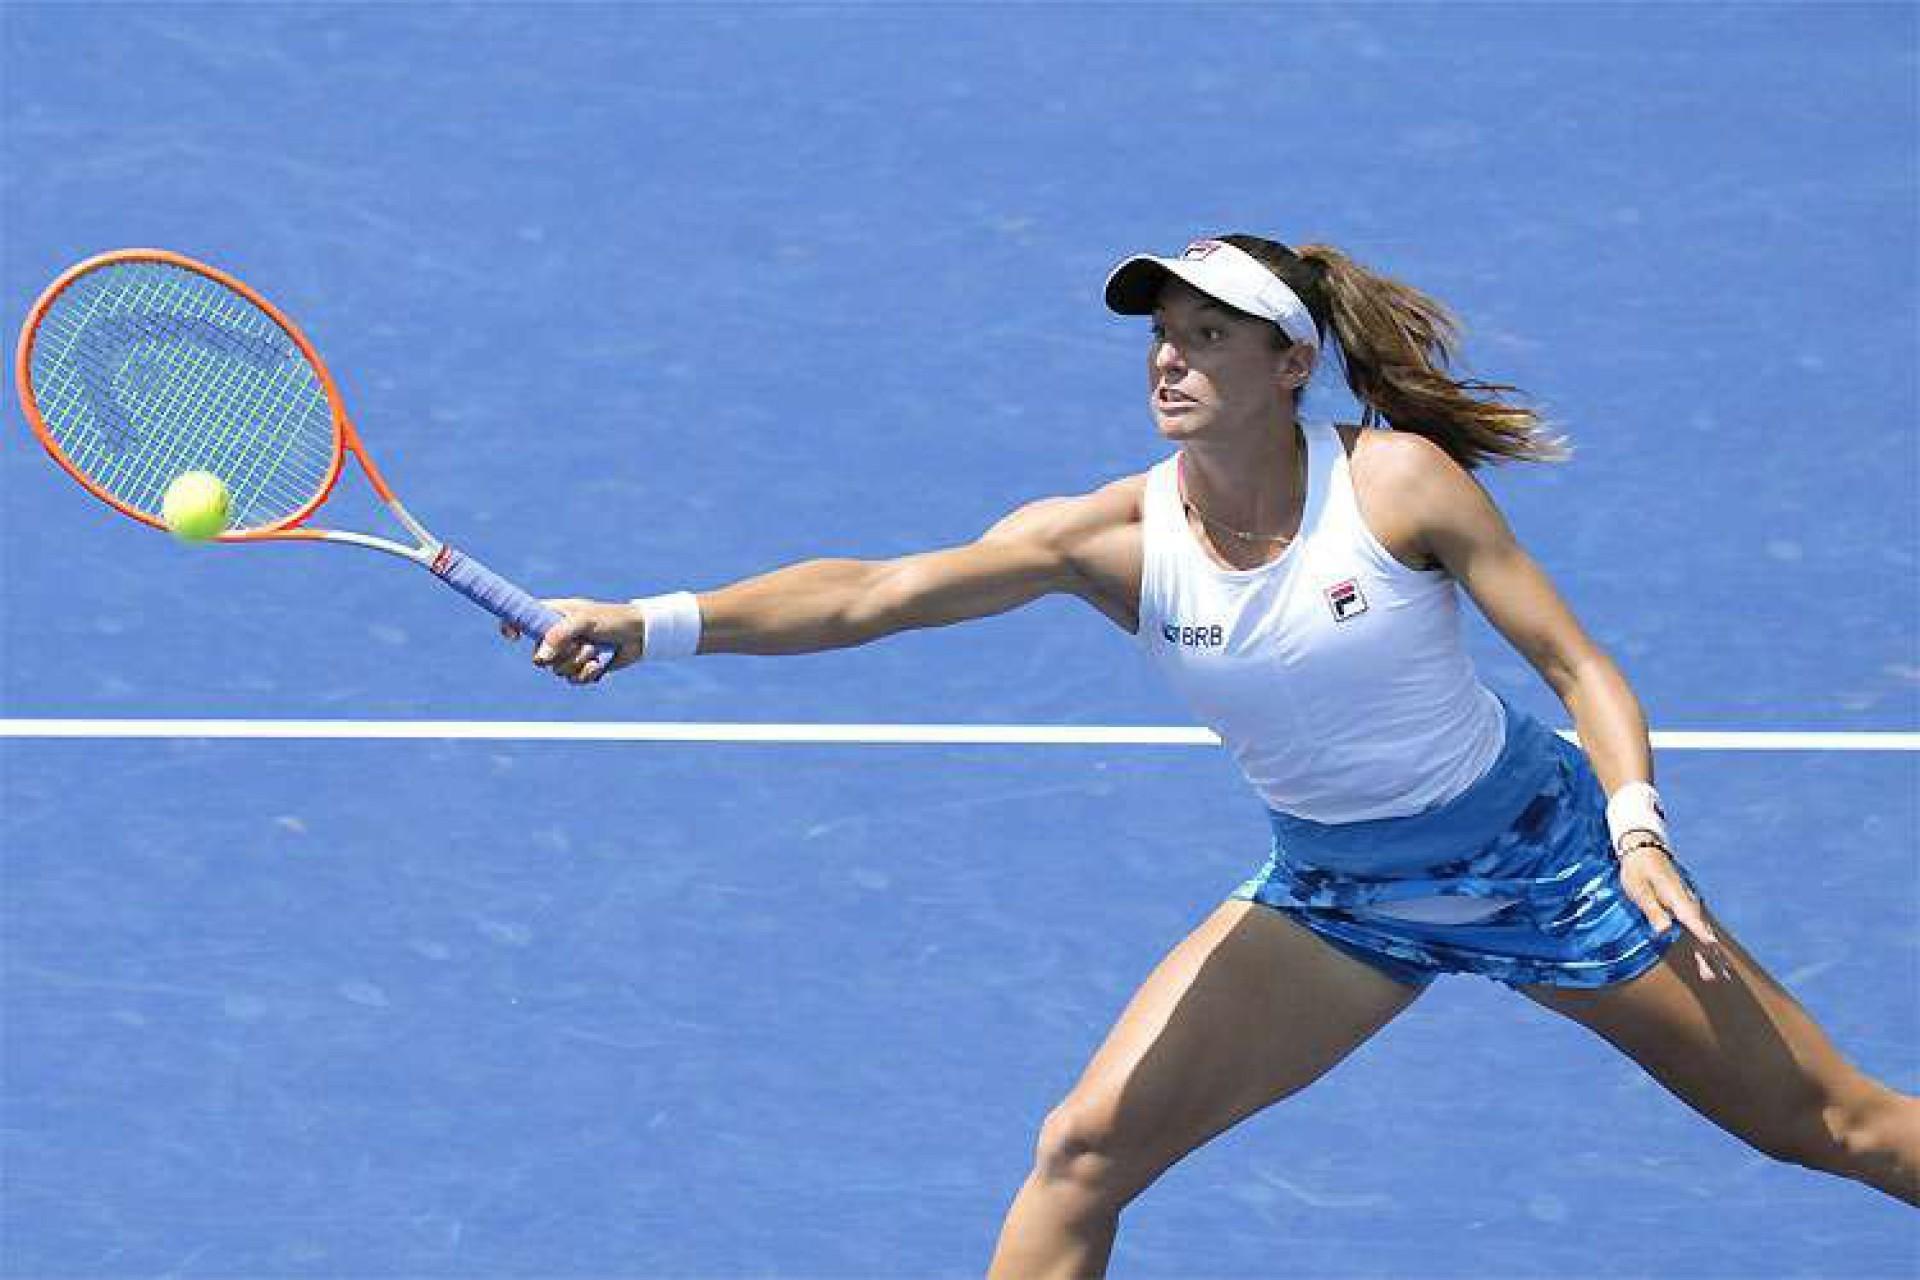 Bronze nos Jogos Olímpicos de Tóquio, Luisa Stefani passa por cirurgia no joelho